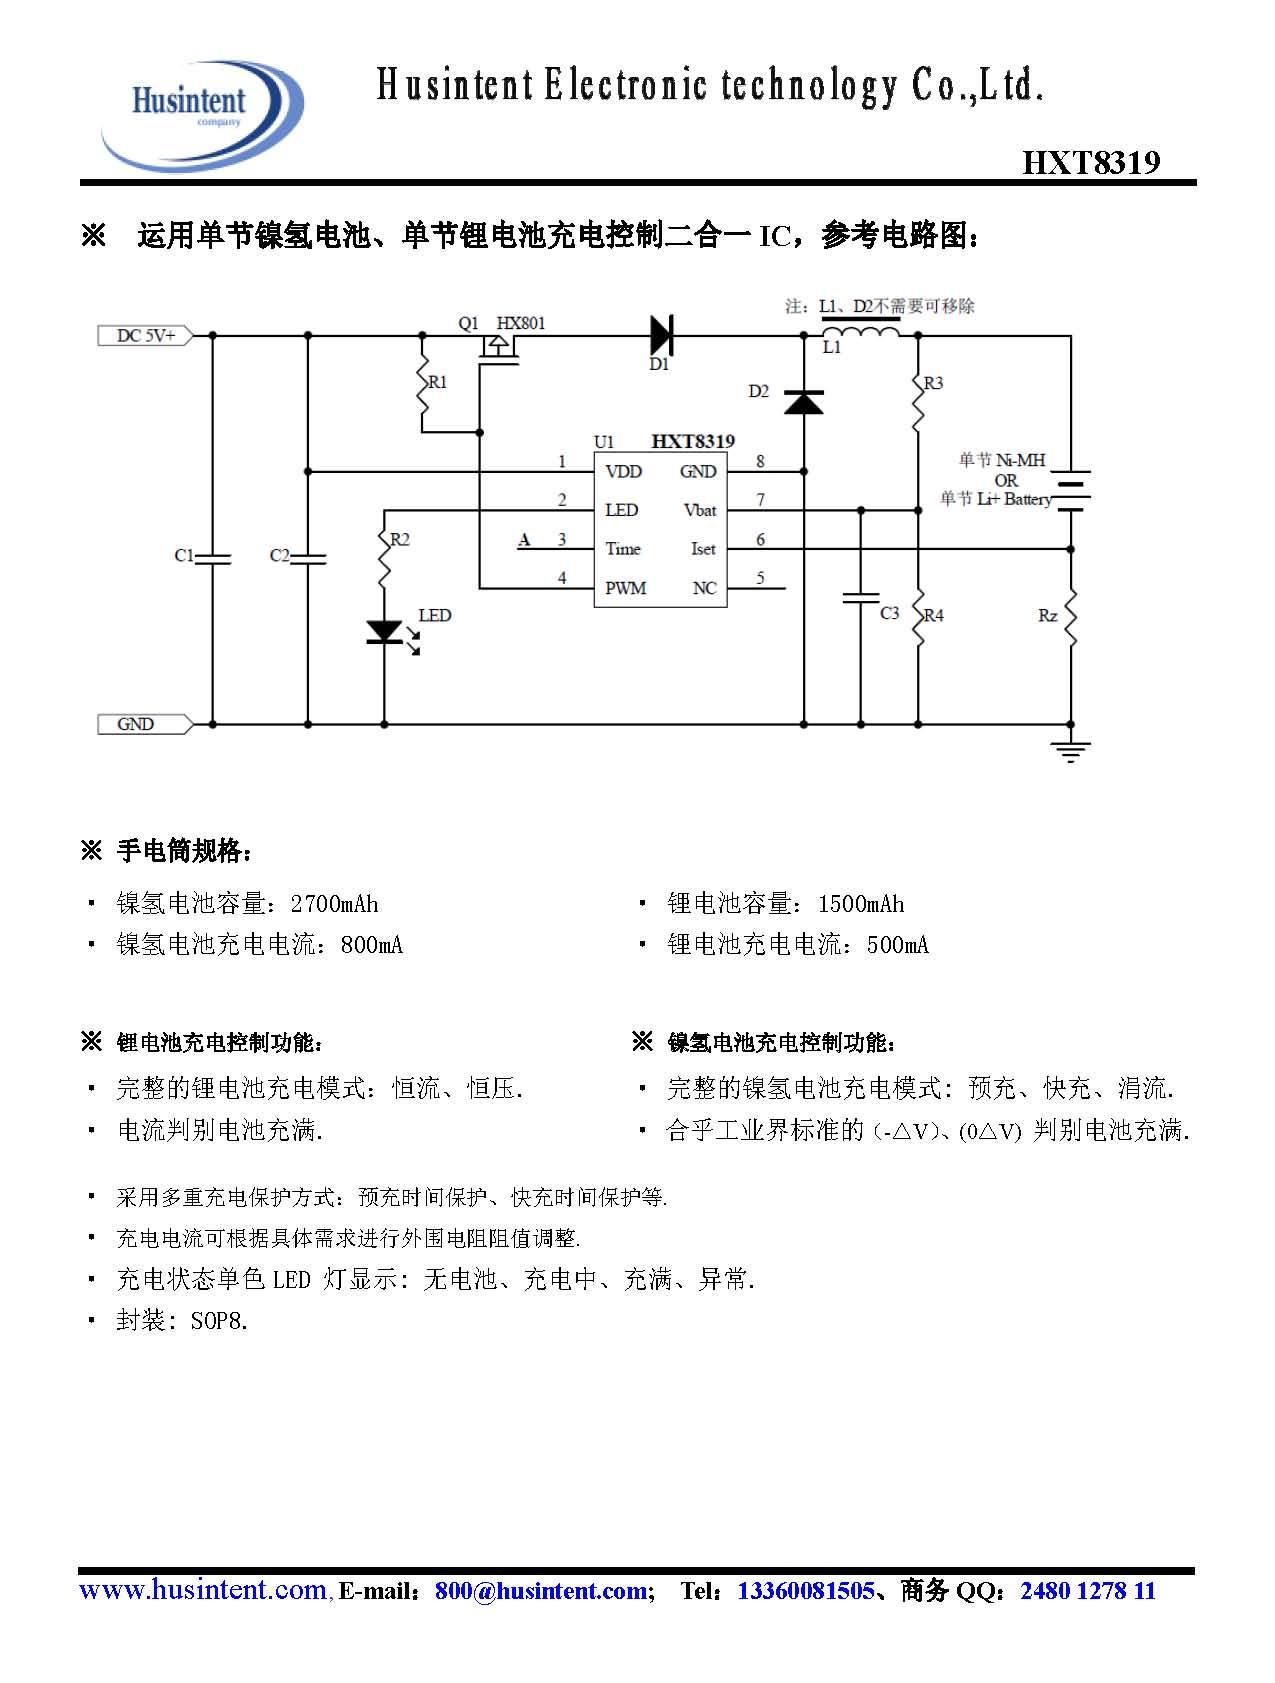 单节镍氢电池、单节锂电池充电管理二合一芯片(图)